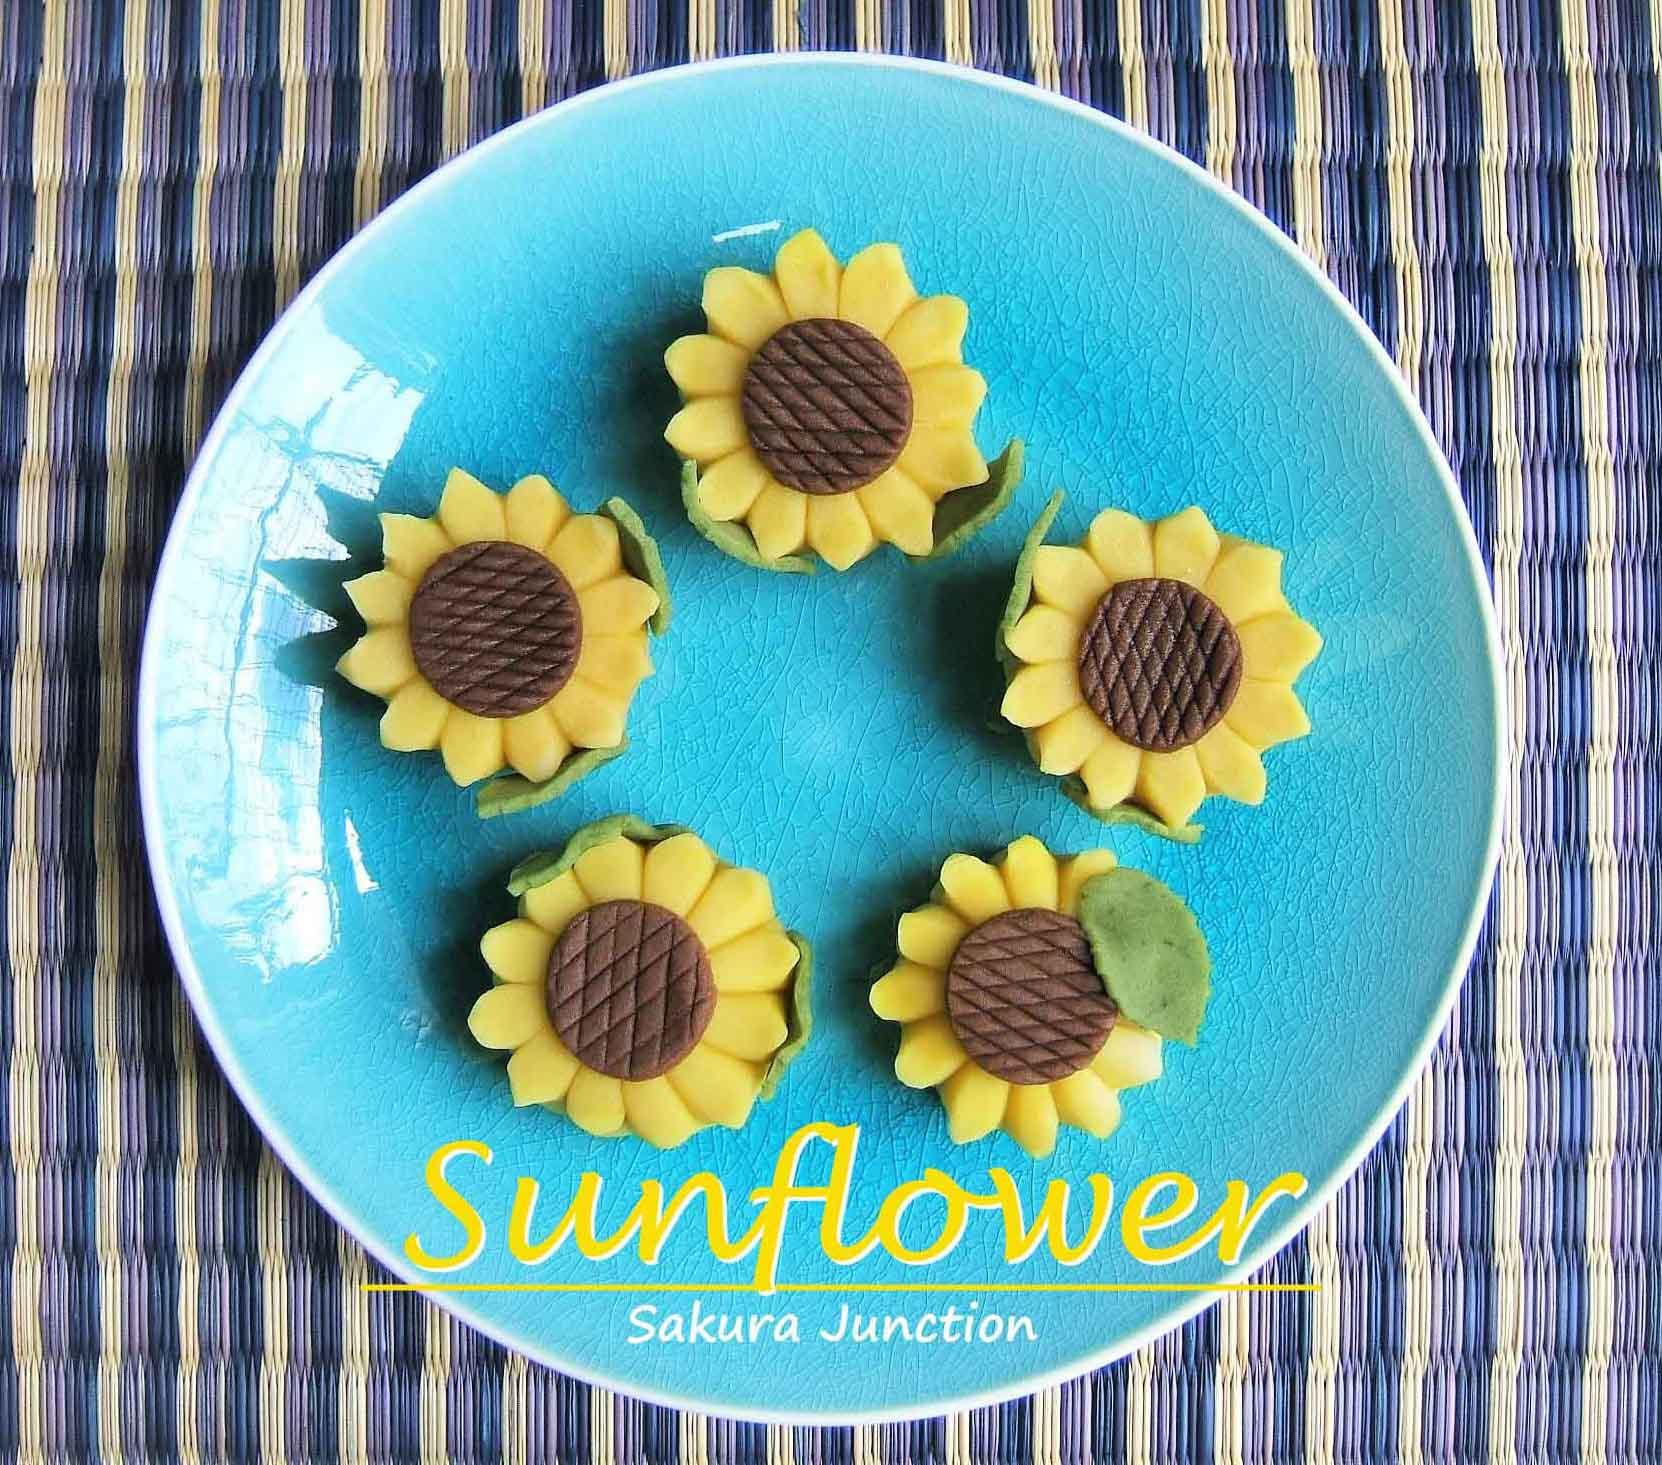 Sunflower pp4p